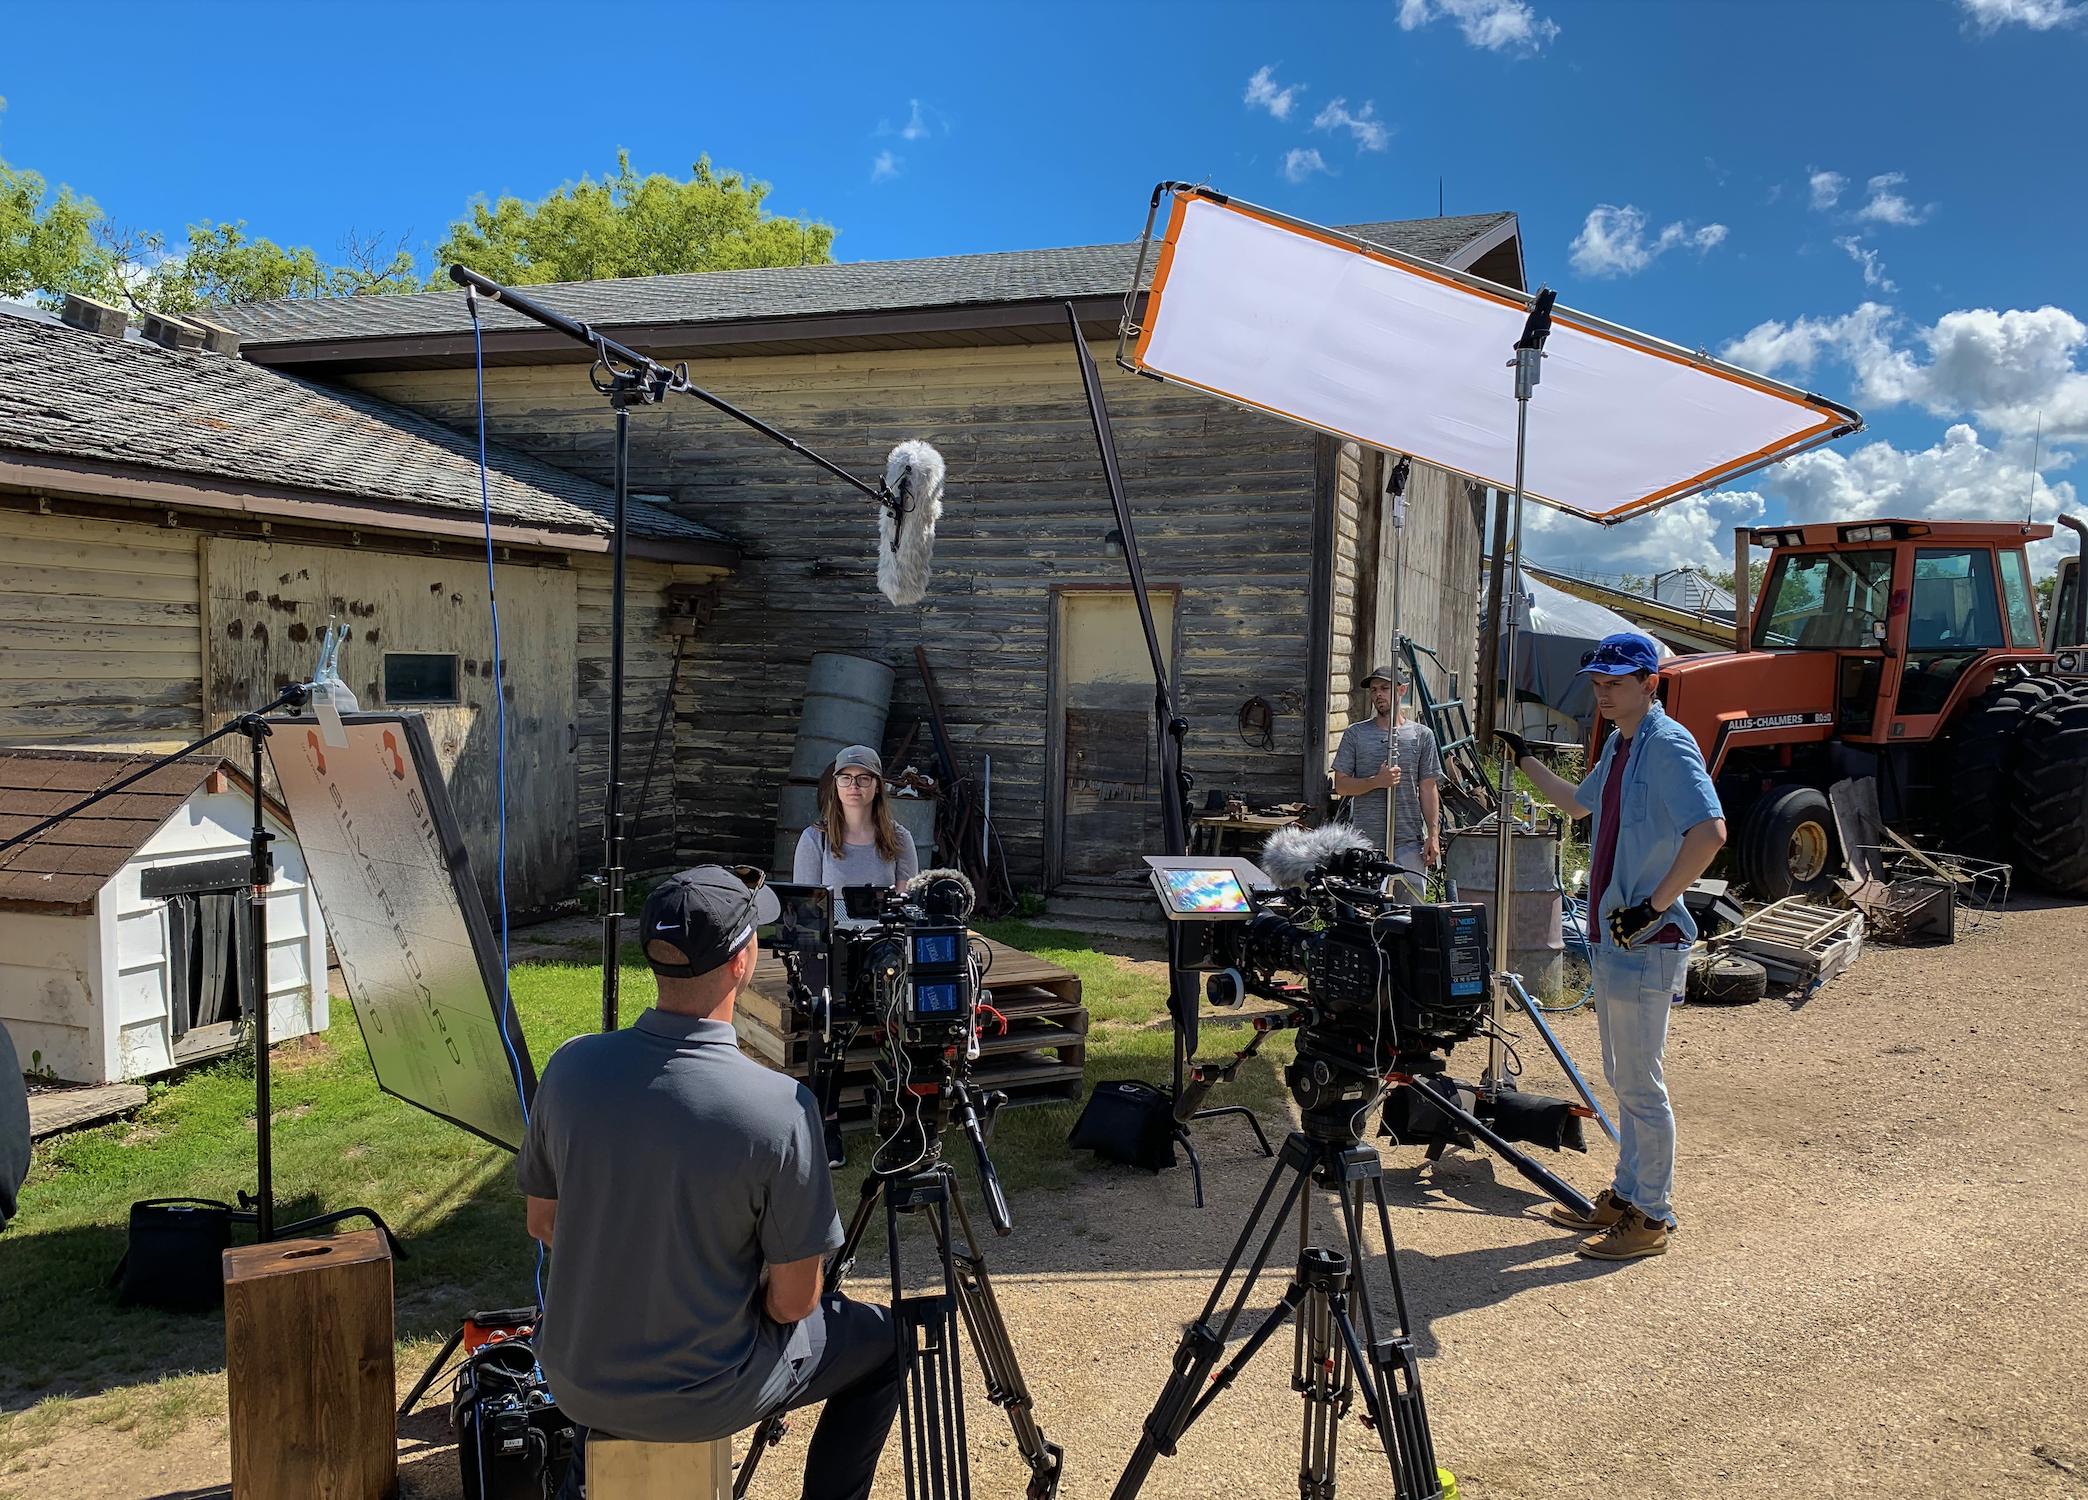 Halter Media filming a documentary video